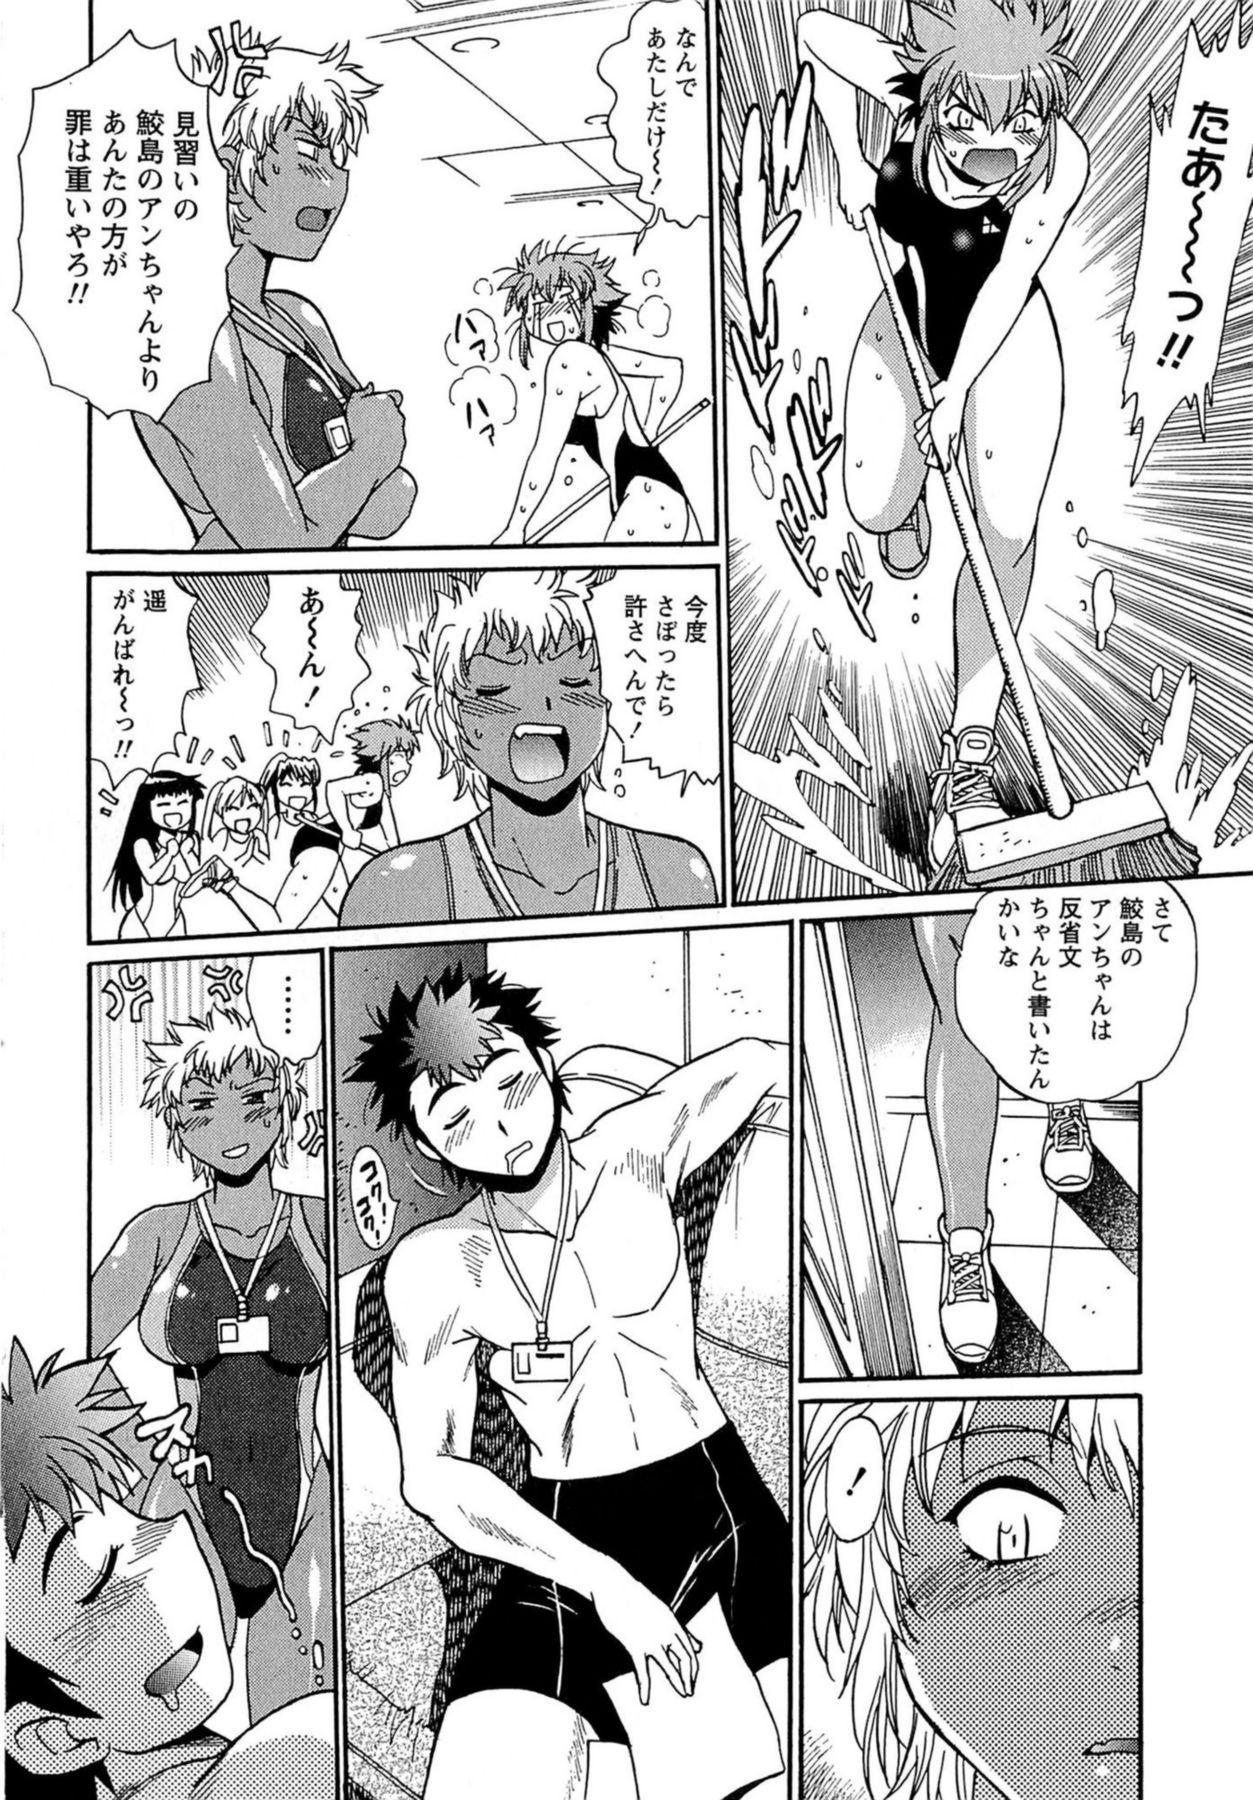 Kuikomi wo Naoshiteru Hima wa Nai! Vol. 1 178